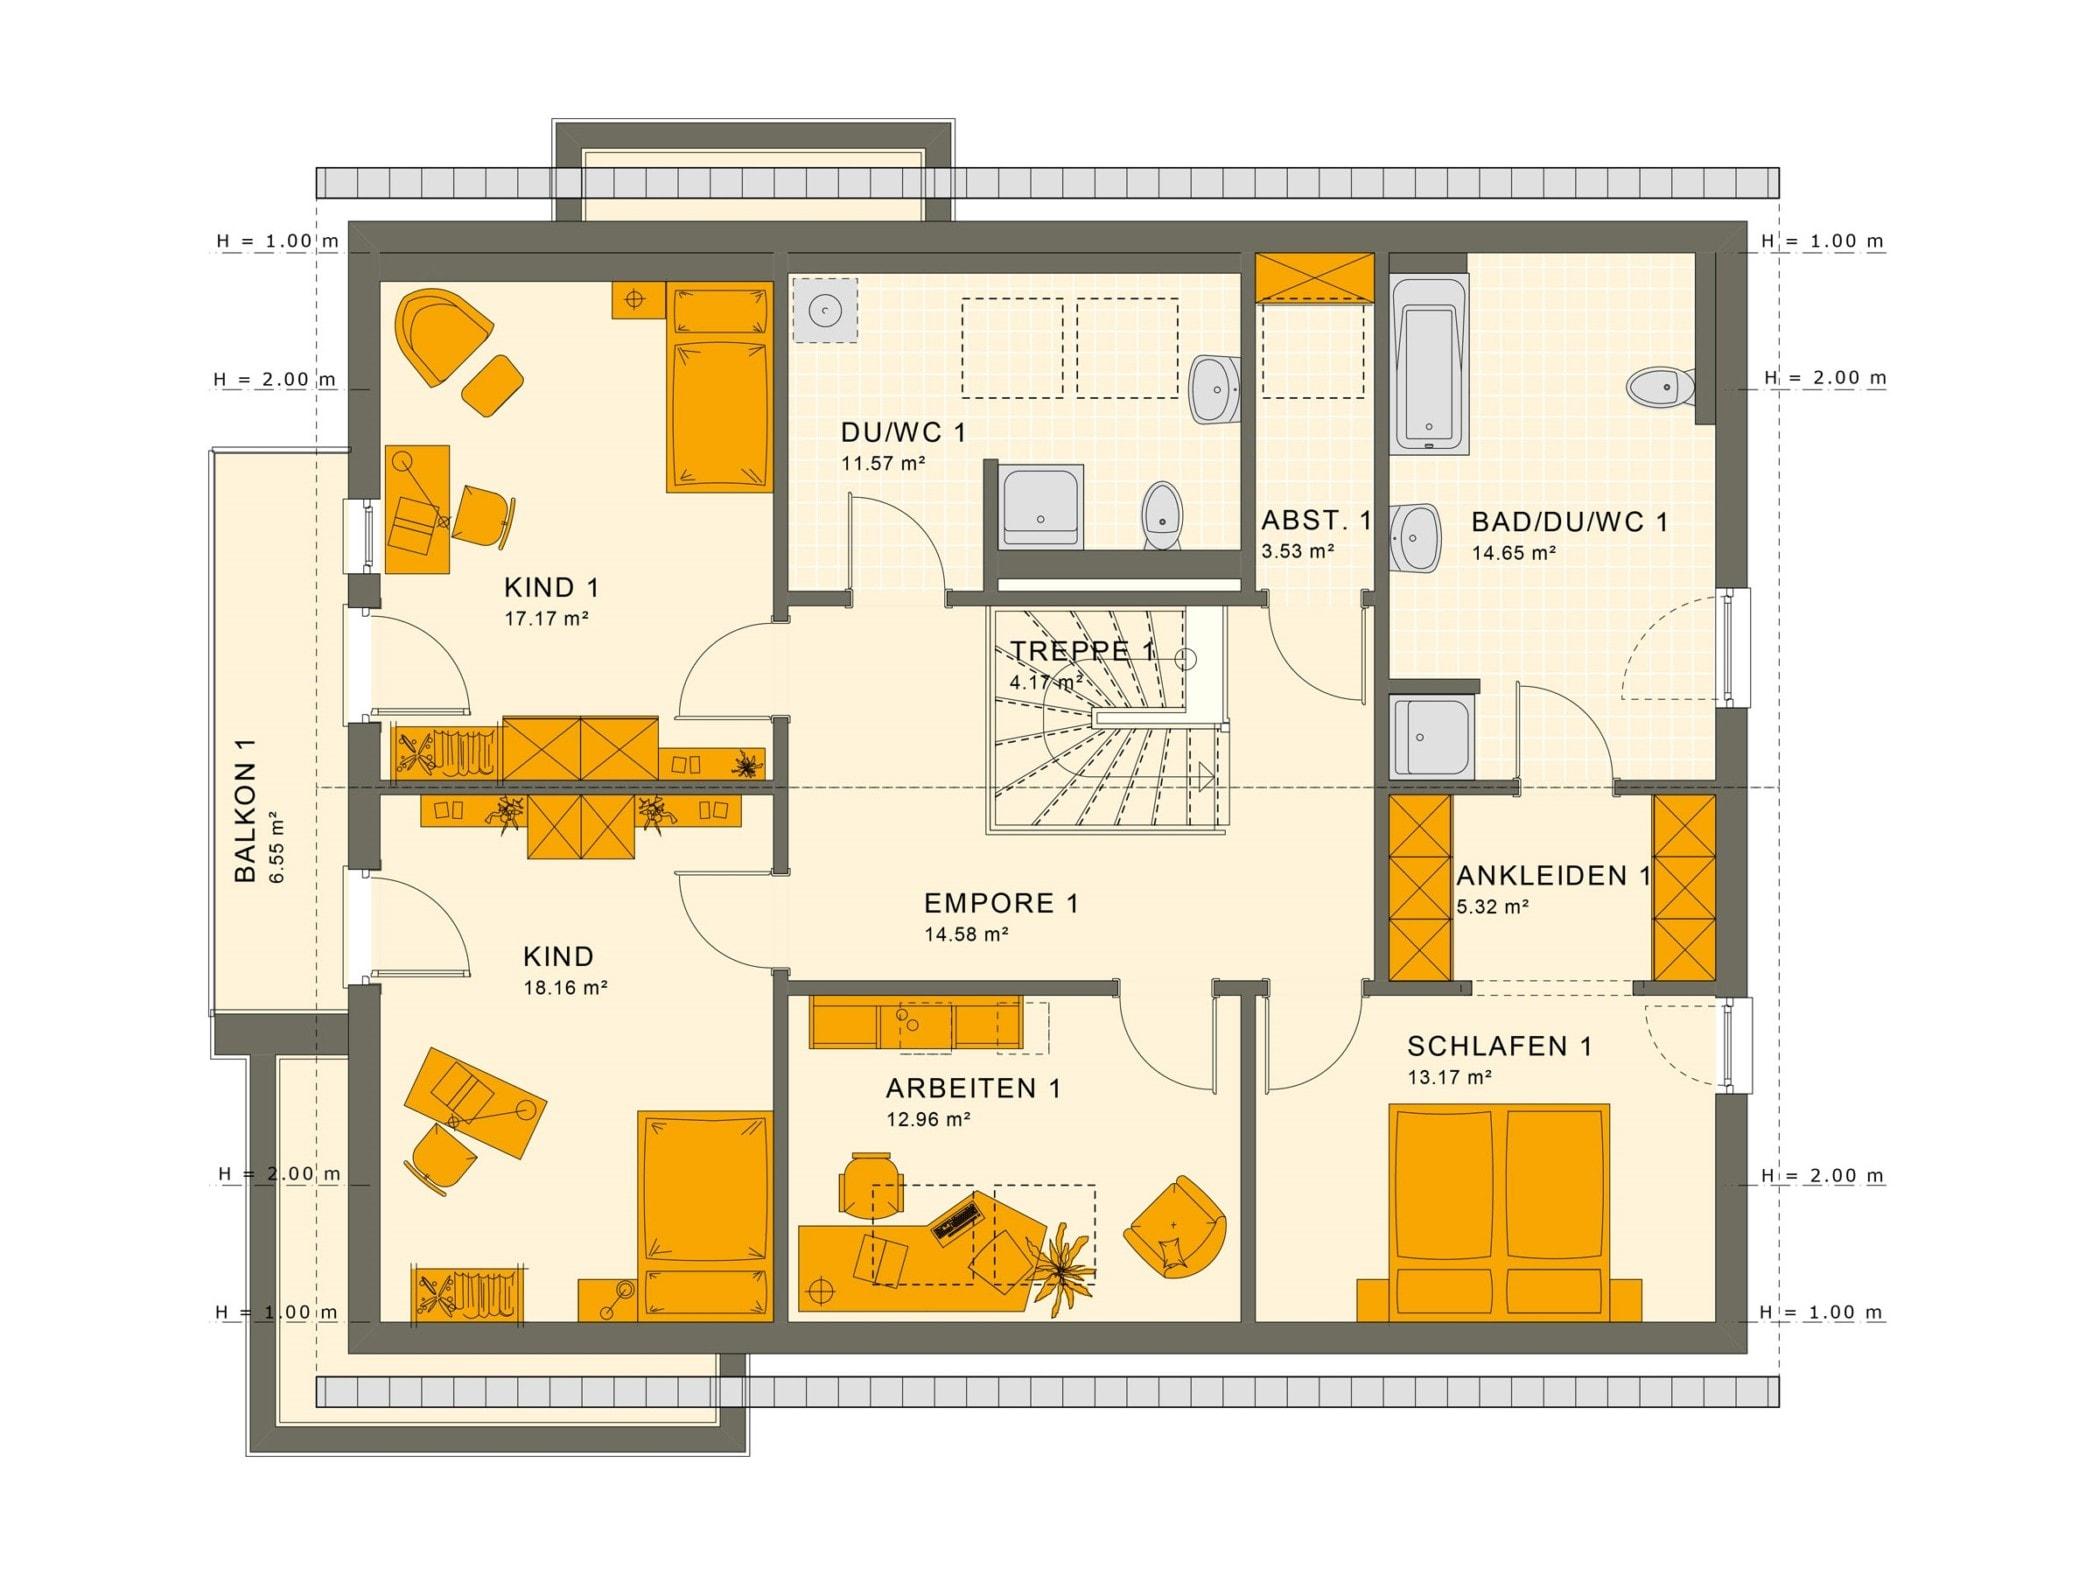 Einfamilienhaus mit Einliegerwohnung Grundriss Dachgeschoss - Haus bauen Ideen Fertighaus SOLUTION 230 V3 von Living Haus - HausbauDirekt.de